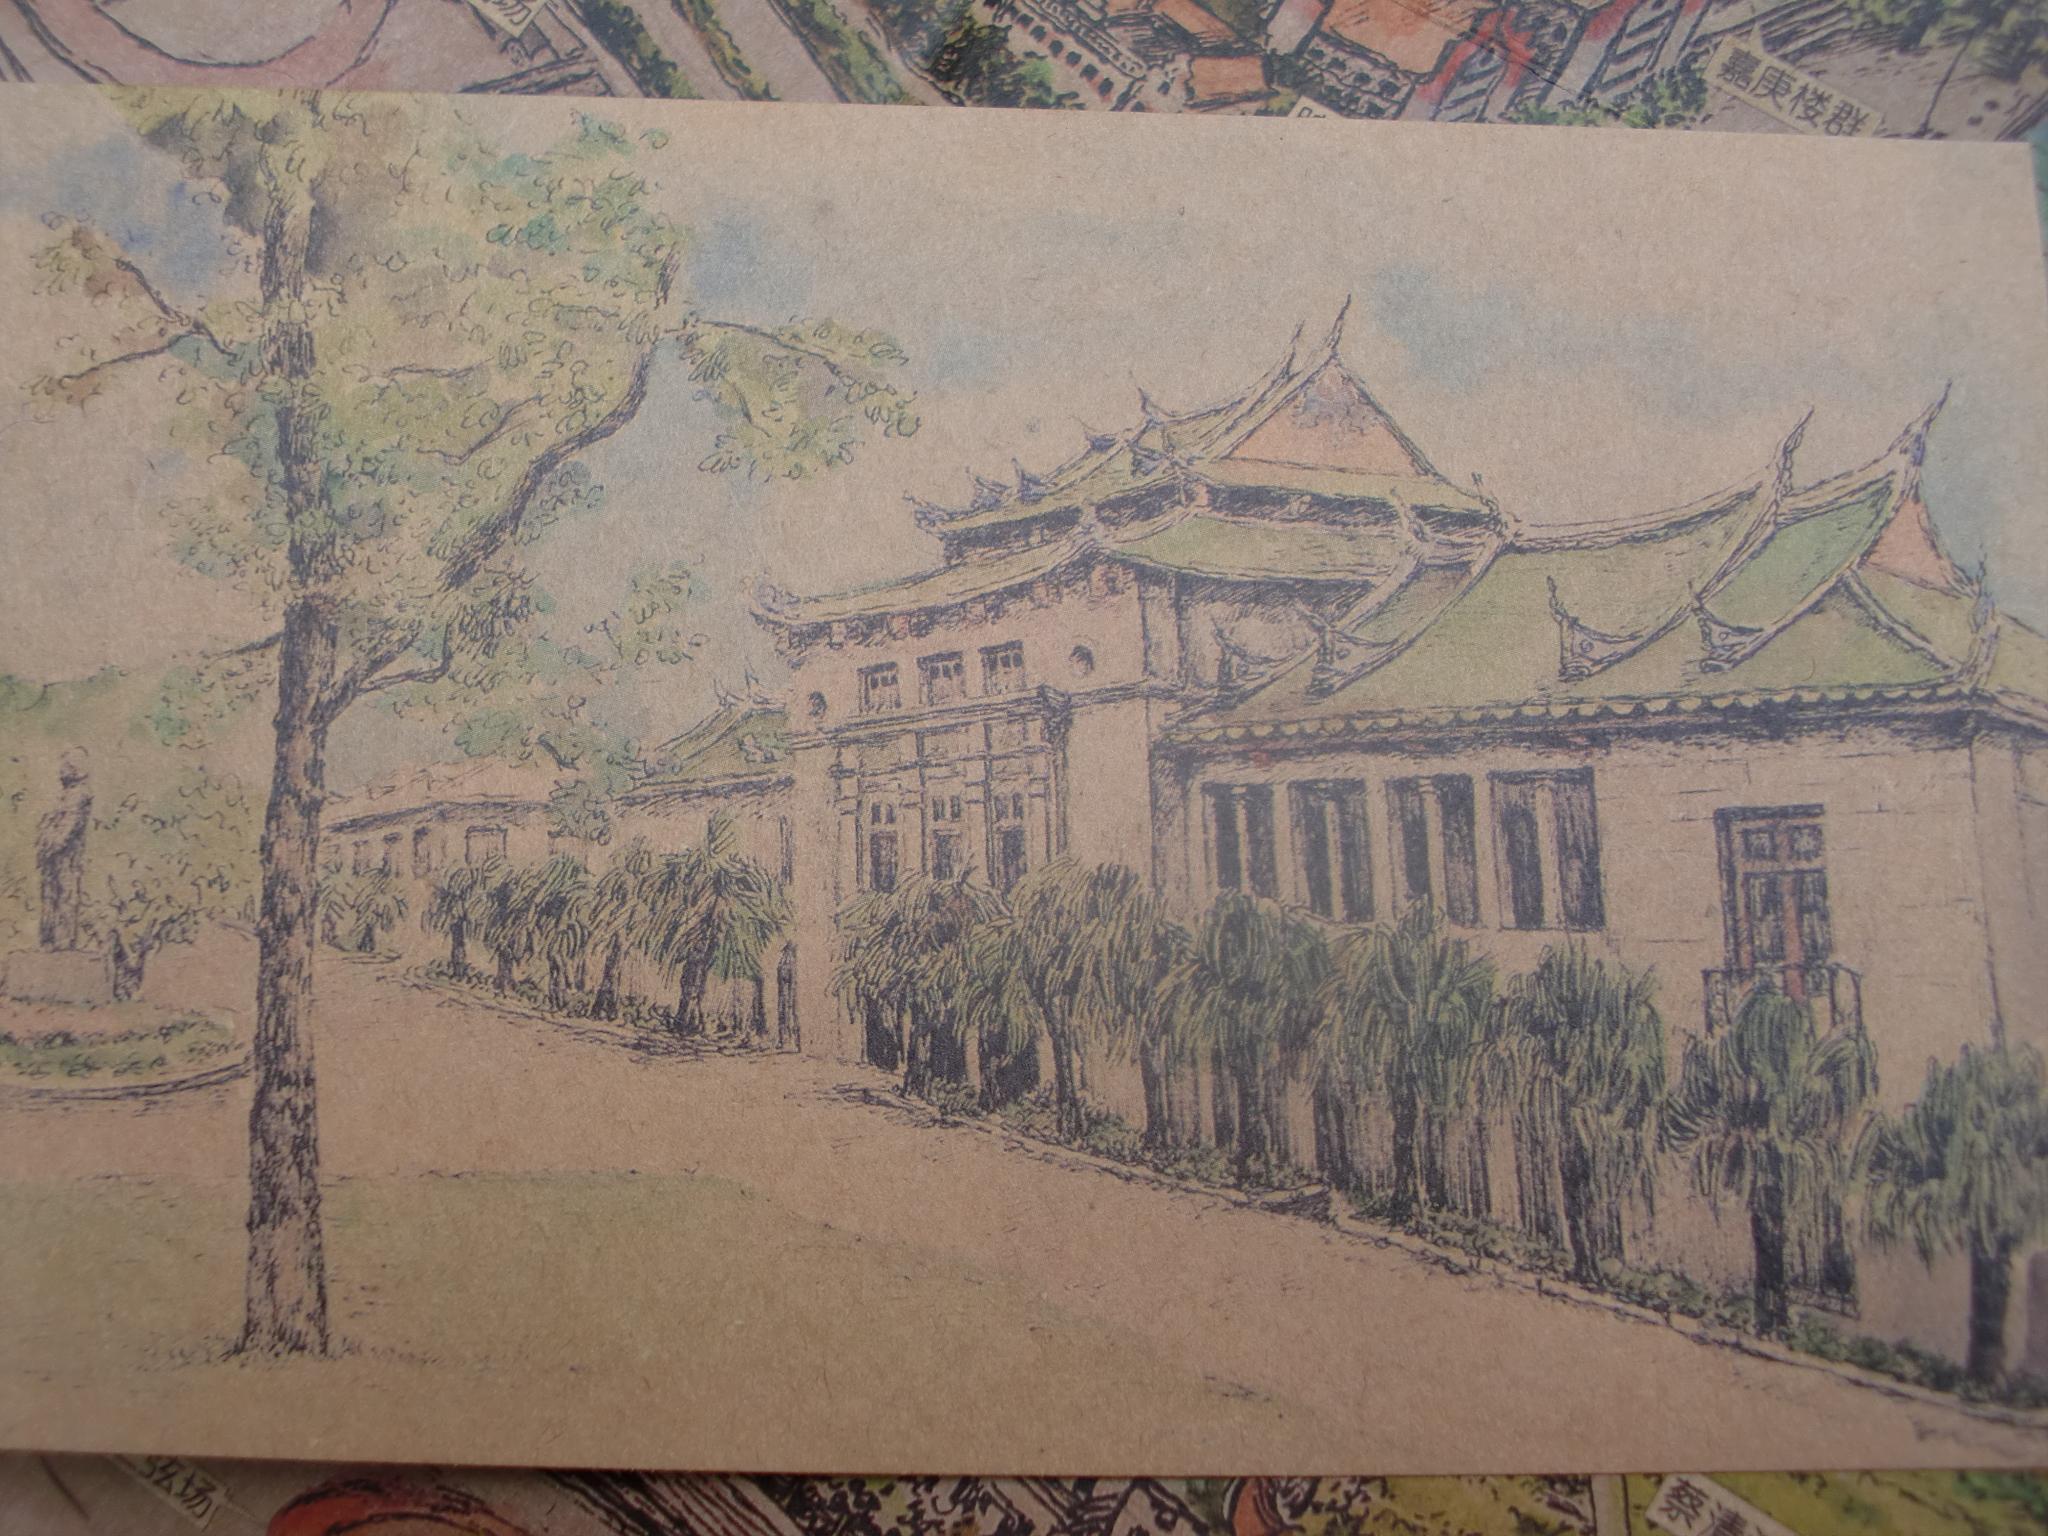 厦门大学手绘地图|插画|其他插画|petezheng - 原创